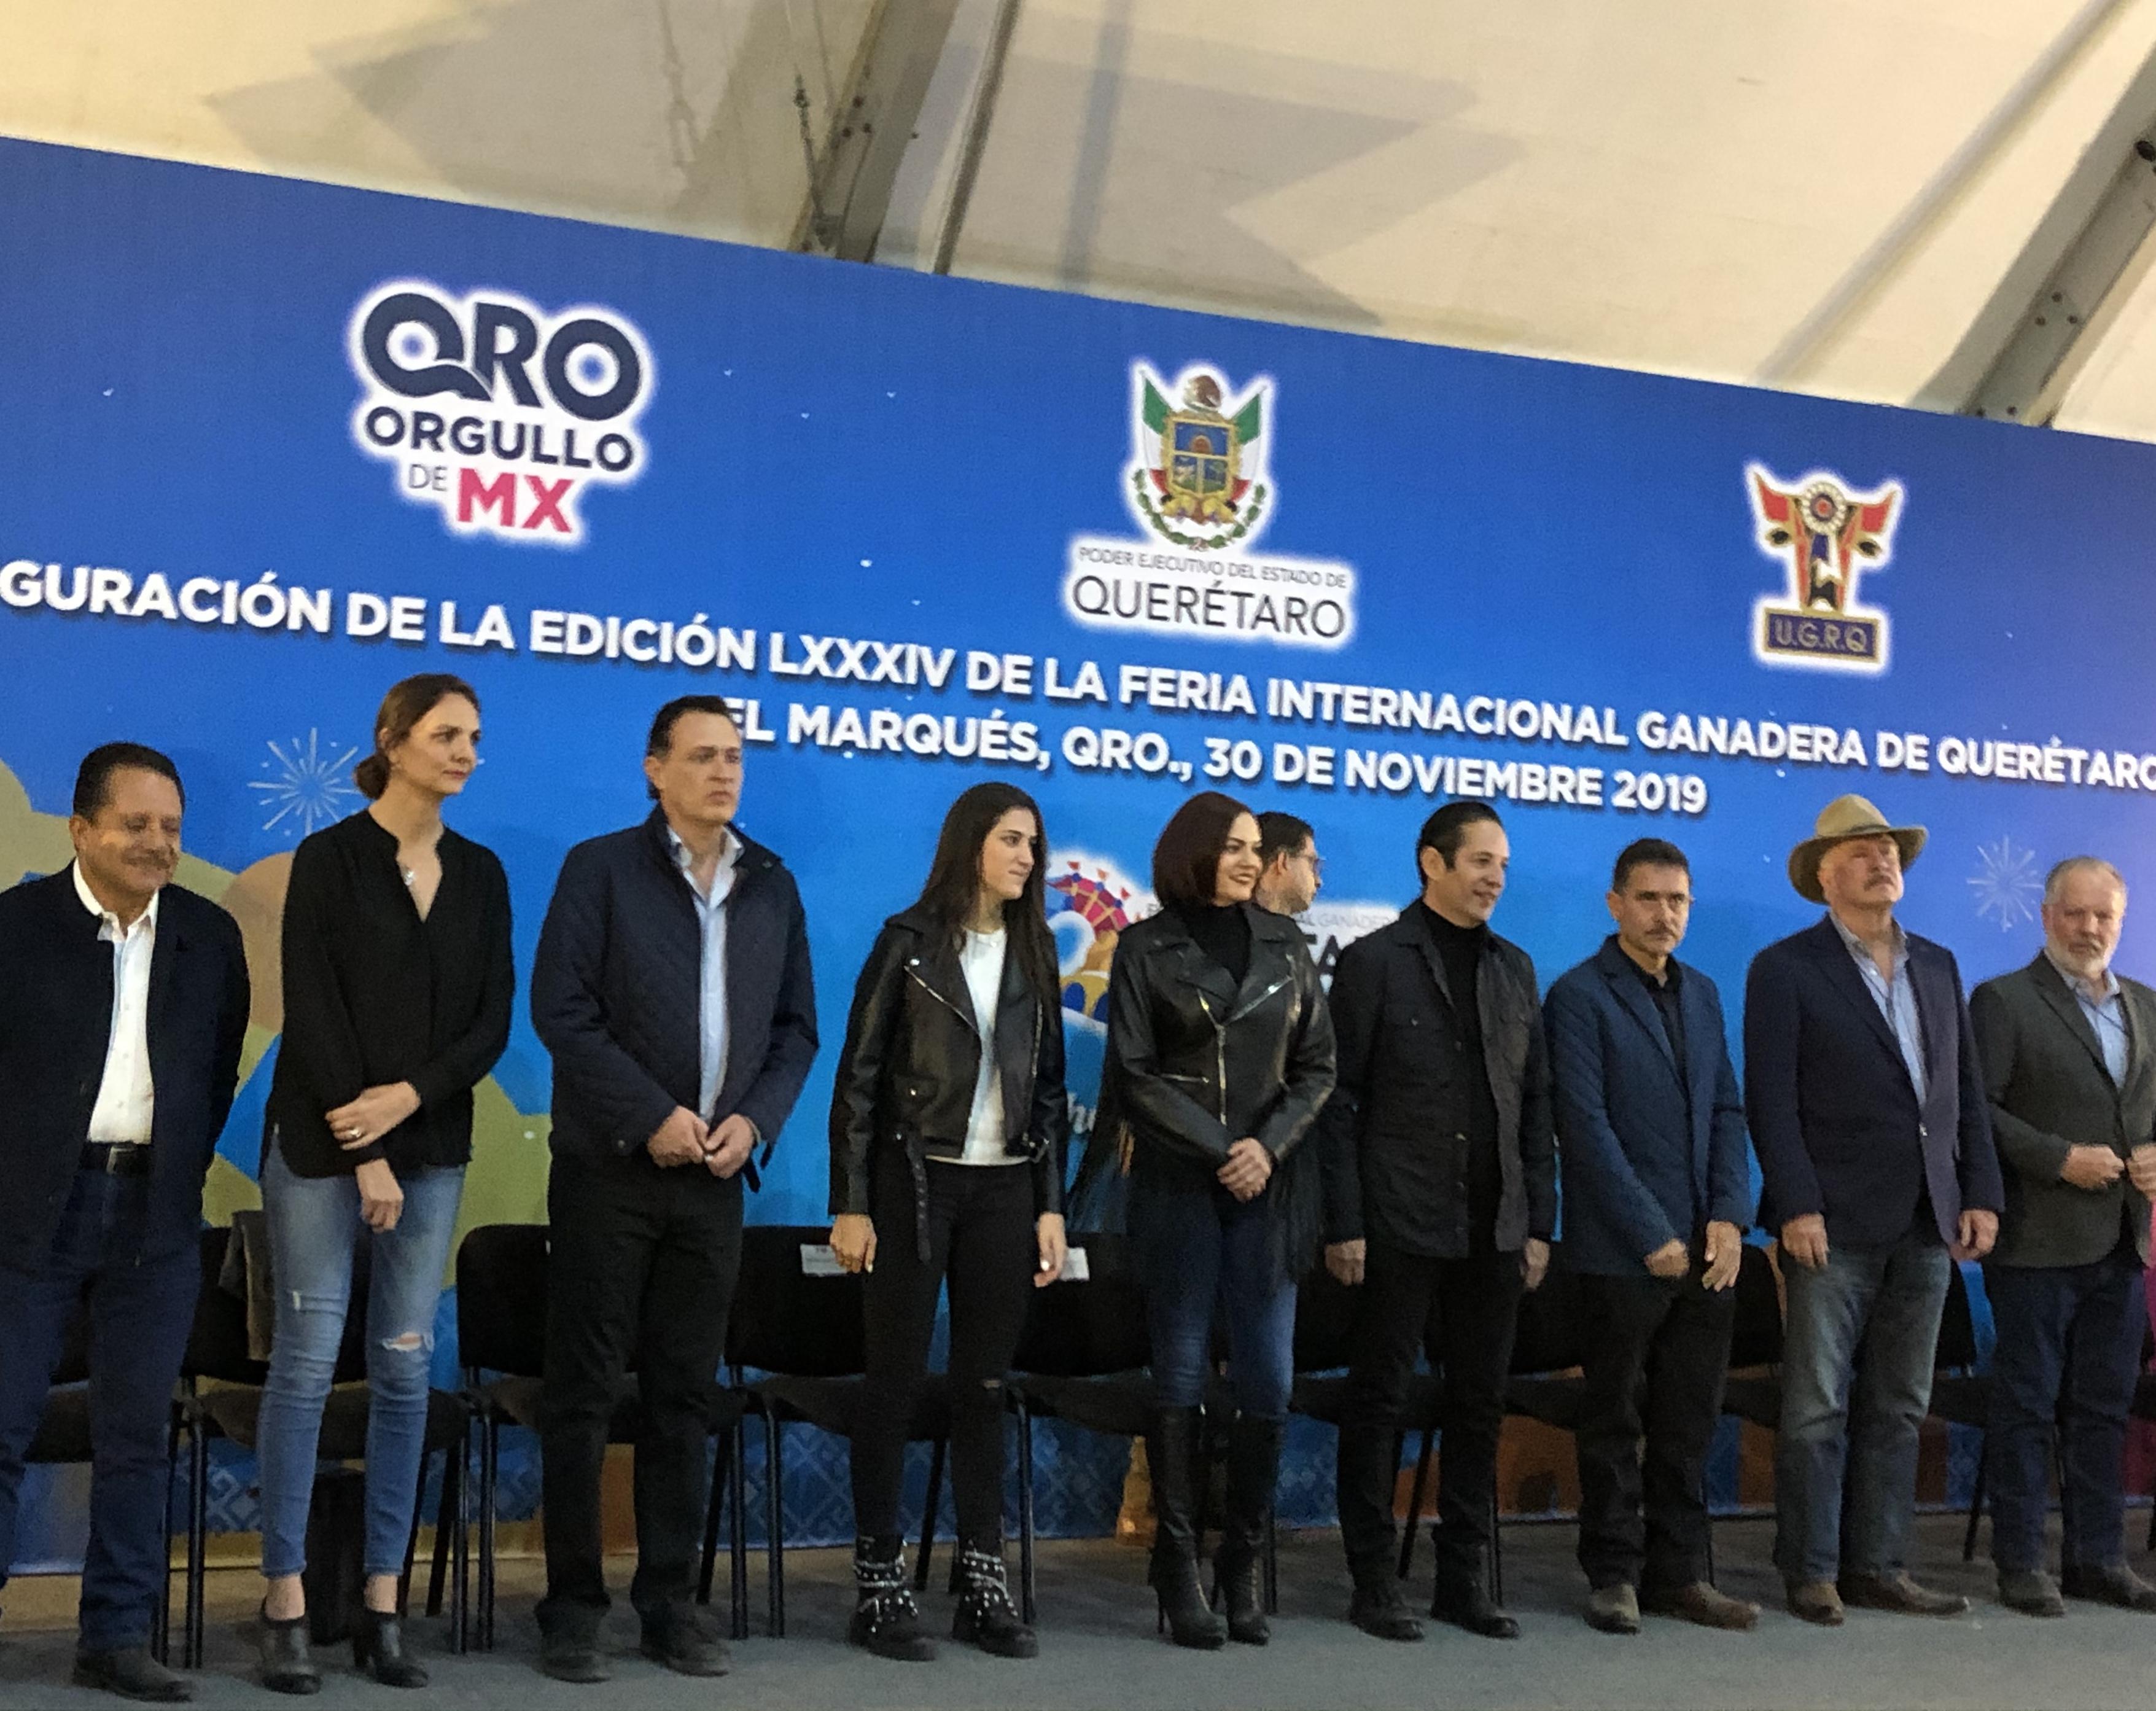 Arranca la 84a edición de la Feria Internacional Ganadera de Querétaro